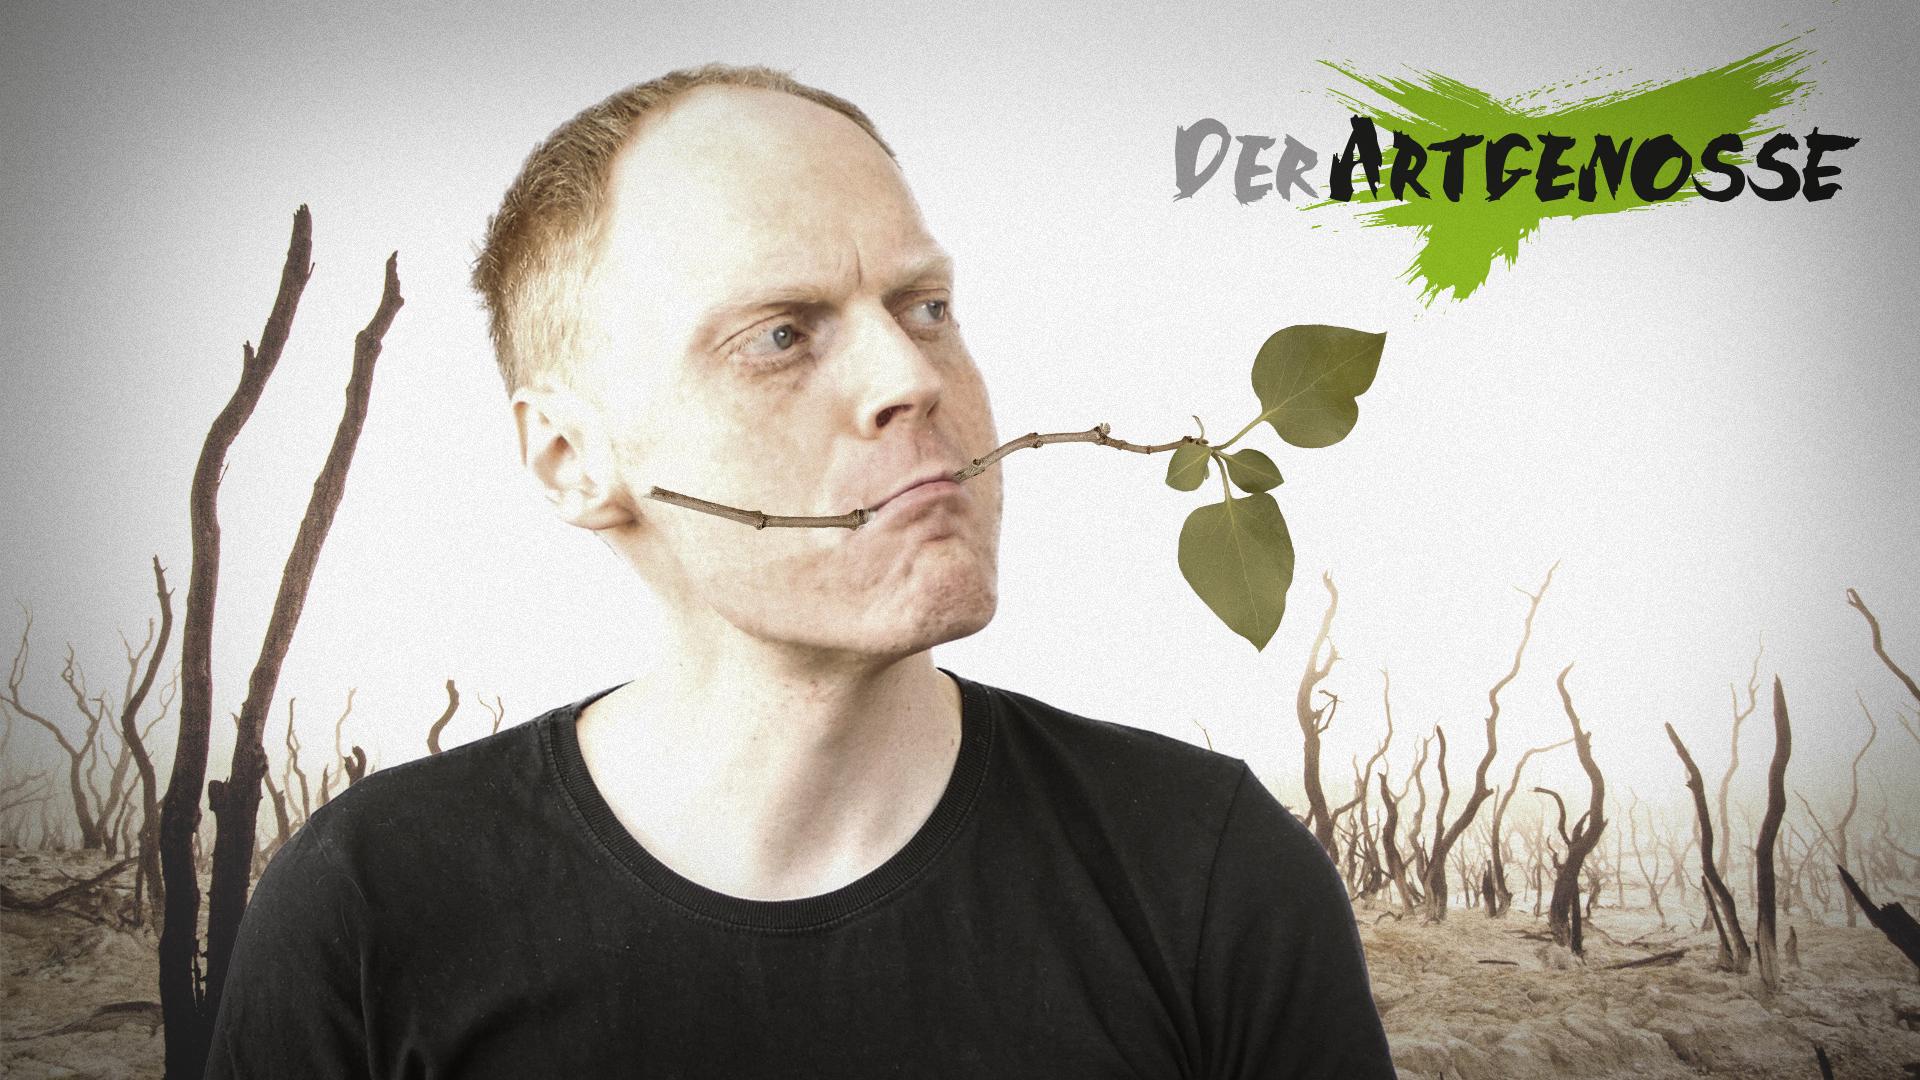 Der Artgenosse - Hey Veganer, für euch muss man viel mehr Pflanzen anbauen!